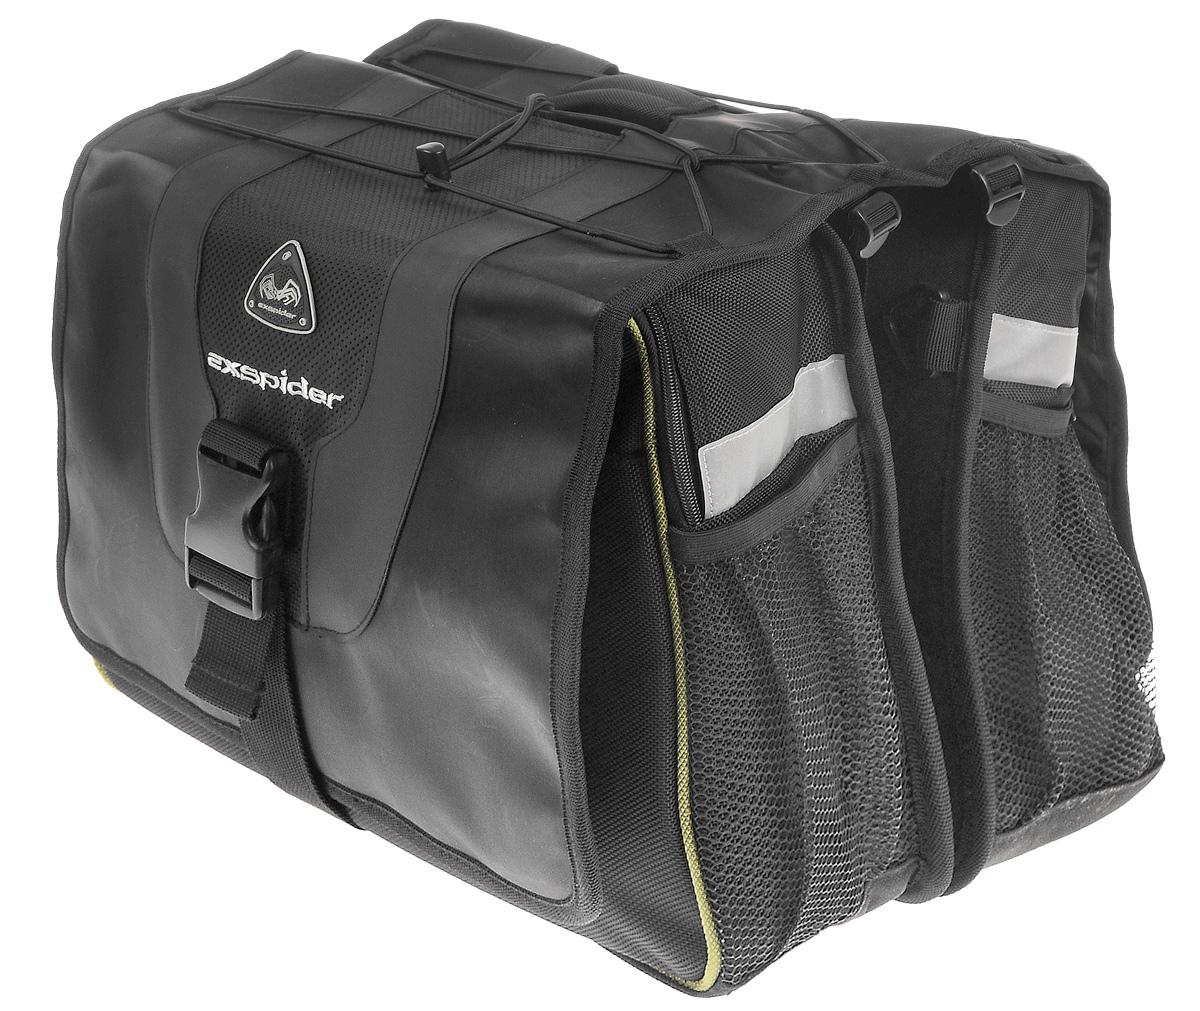 Сумка на багажник велосипеда EXspider, двойная, 36 х 33 х 23 смTB6201Универсальная сумка EXspider крепится на багажник, можно носить ее в руках или на плече. Изделие имеет два больших отделения с внешними карманами. Отделения закрываются на клапан с помощью застежки-молнии и липучки. Также внутри каждого отделения расположен карман на резинке. Подкладка из вспененного полиэтилена предохраняет содержимое от повреждений. Эластичный шнур позволяет закрепить другую небольшую сумку, палатку, спальный мешок, шлем и многое другое. В комплект входит водоотталкивающий чехол от дождя из нейлона и плечевой регулируемый ремень. Внешние сетчатые карманы с каждой из четырех сторон предназначены для небольших вещей. Светоотражающие вставки служат для лучшей заметности в темное время суток. Сумка крепится на багажник с помощью двух шнуров с крючками.